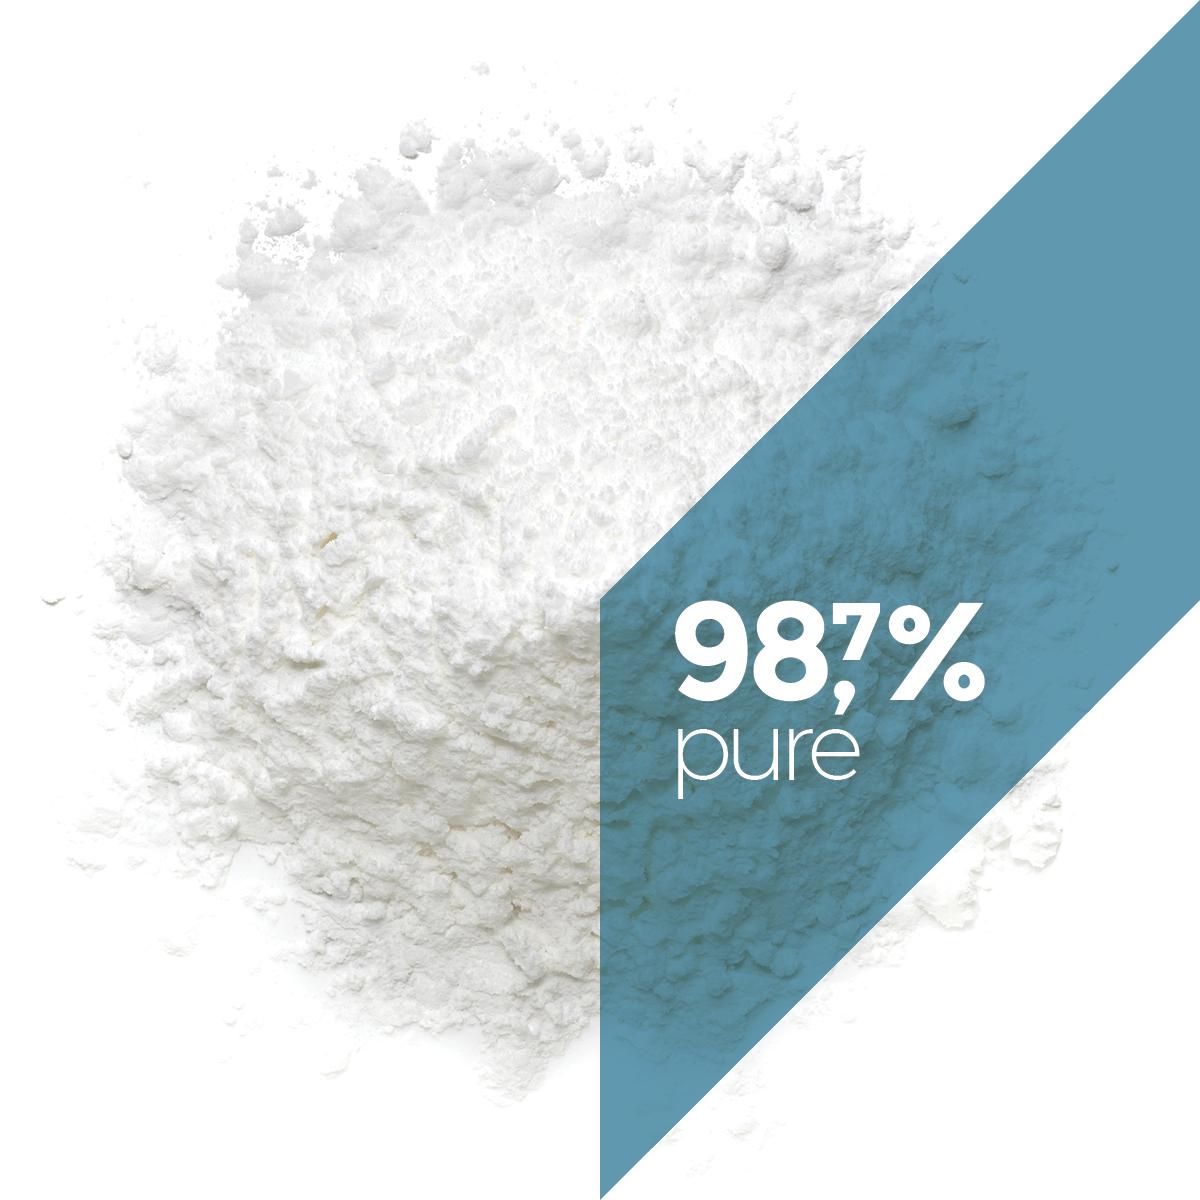 98,7% pure CBD